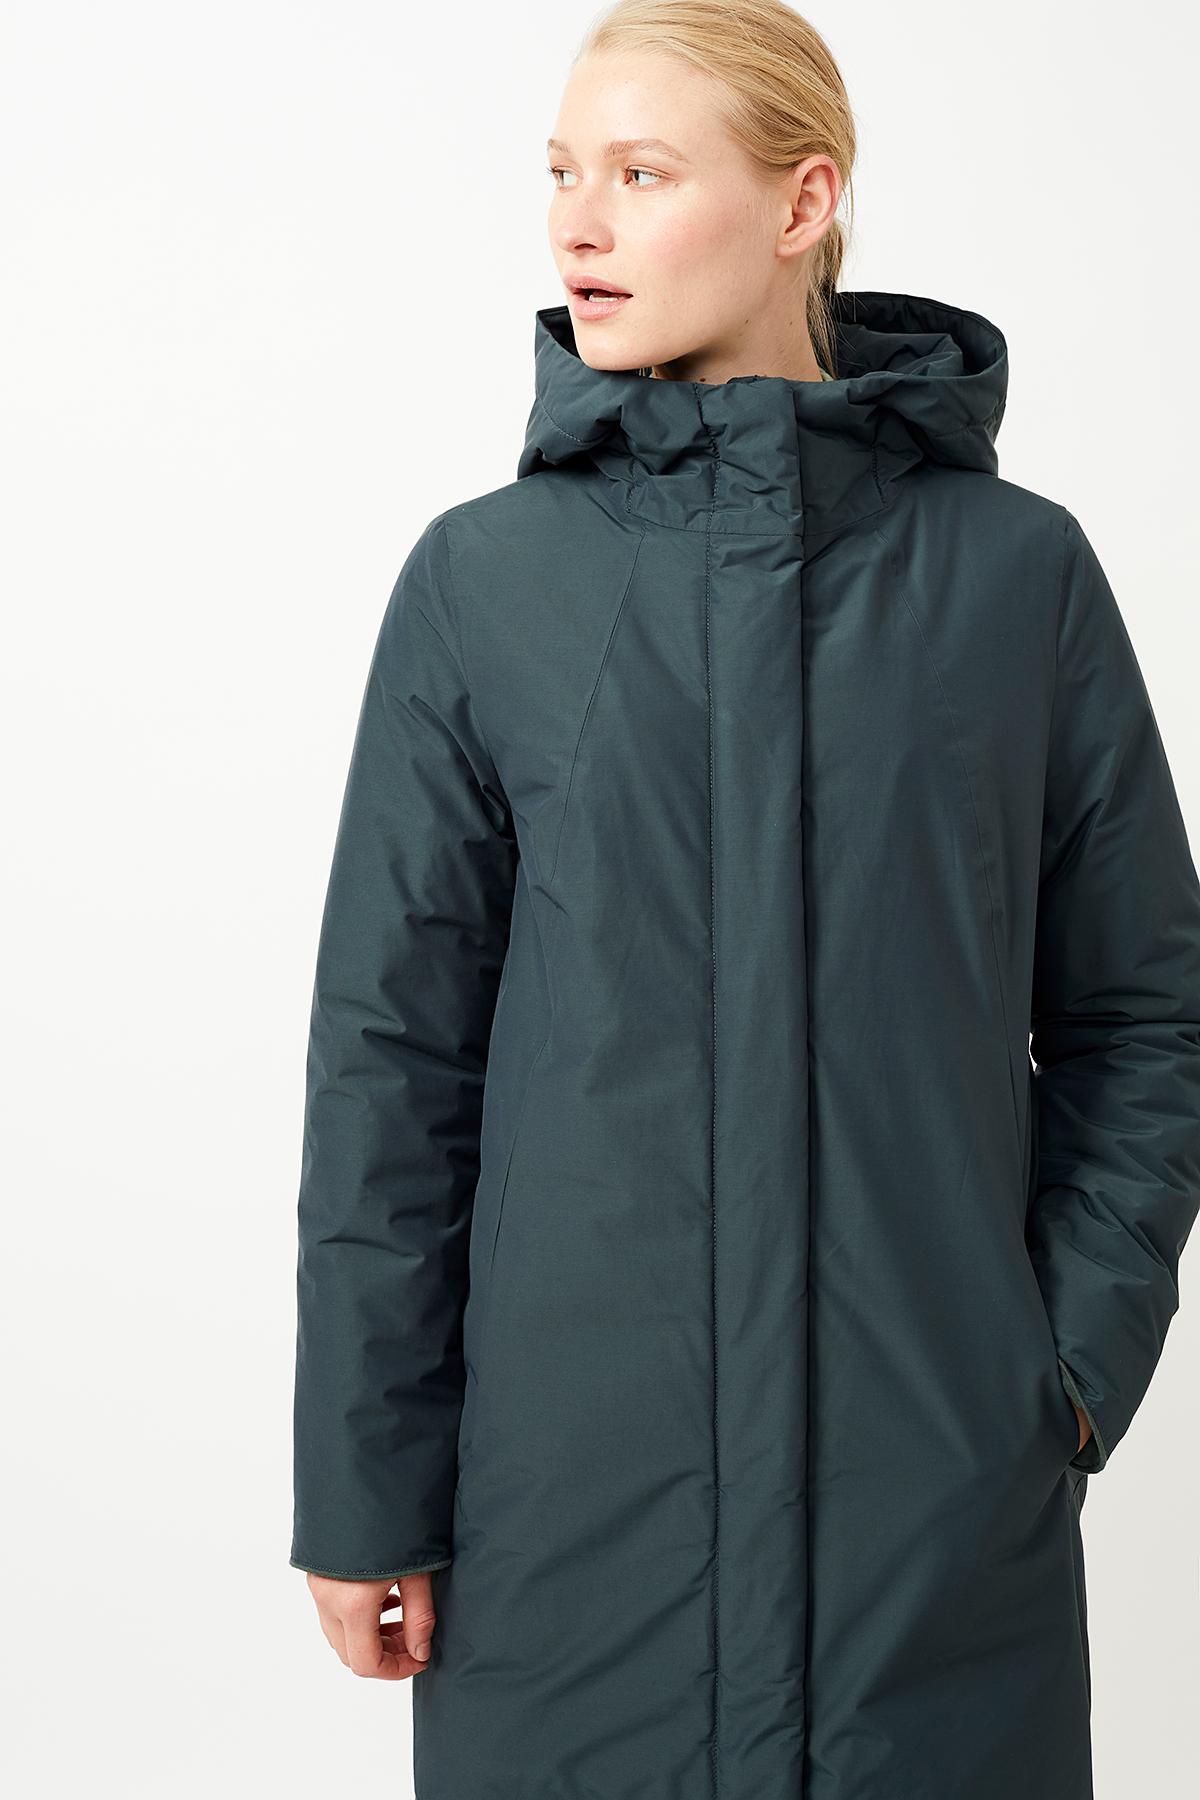 Wetterfester Damen-Mantel Ariza fir